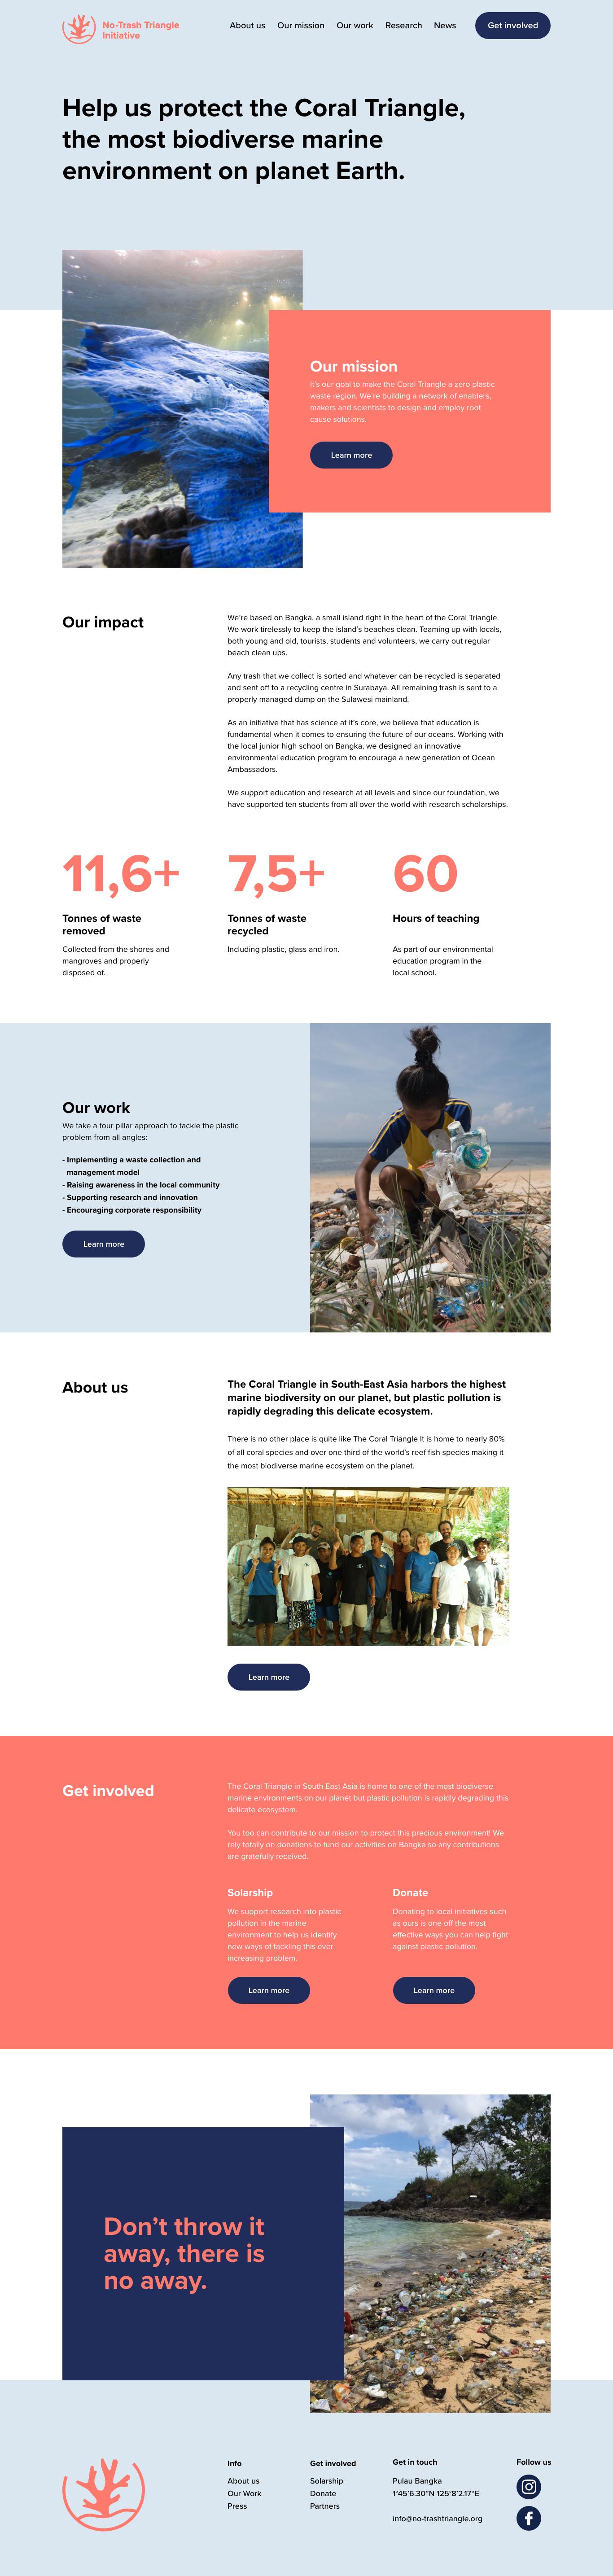 NTTI_Website_Design_Startseite_01_peers-humanizebrands